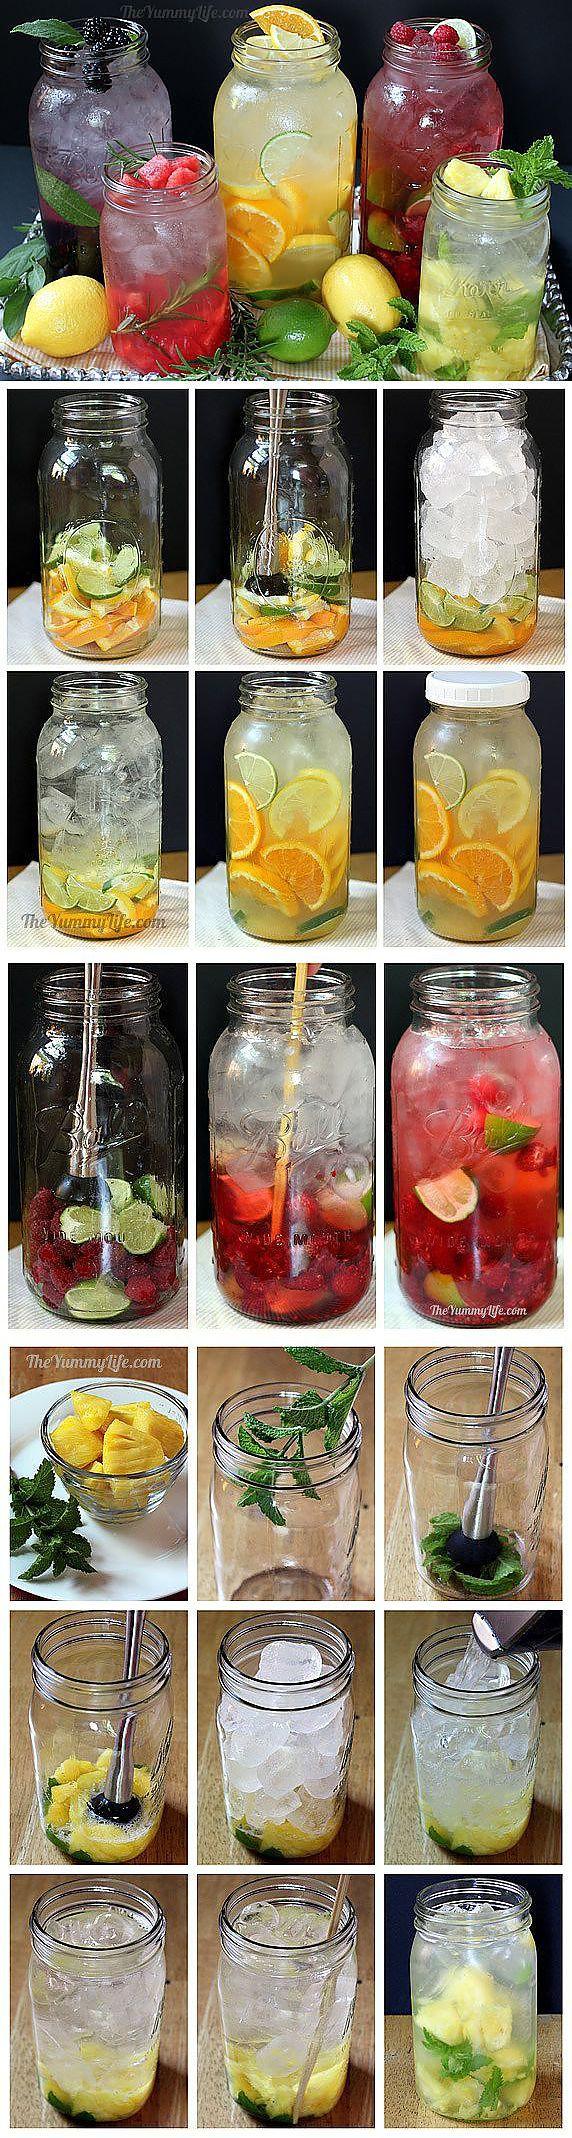 Рецепт Рецепты приготовления полезной и вкусной воды из фруктов и тра | Чай,кофе,напитки